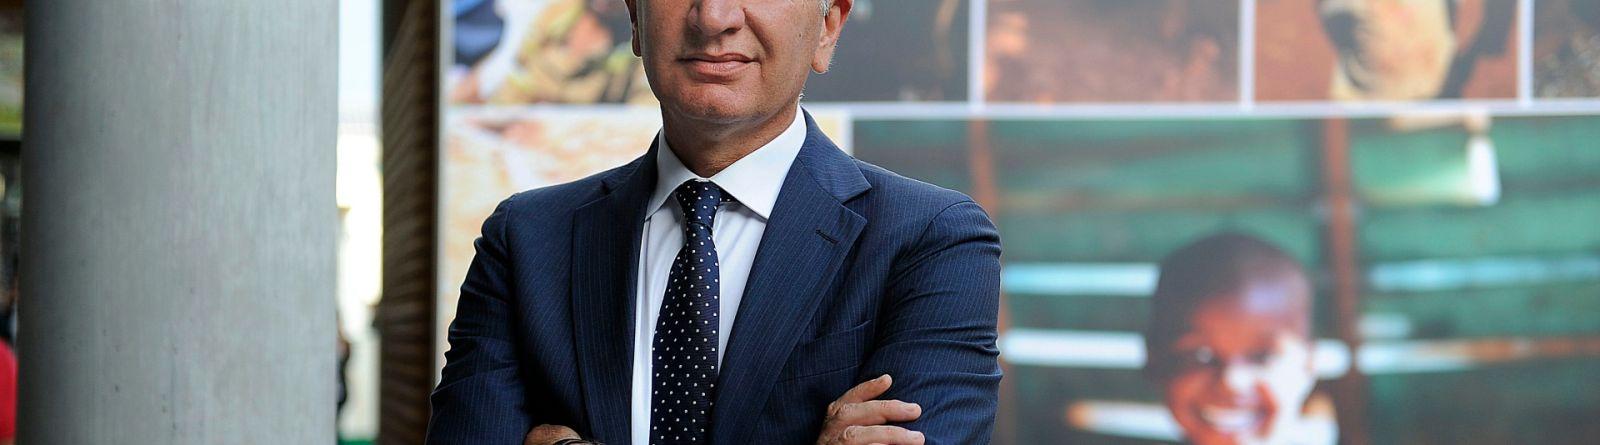 Giampiero Bergami, chief commercial officer di Banca Monte dei Paschi